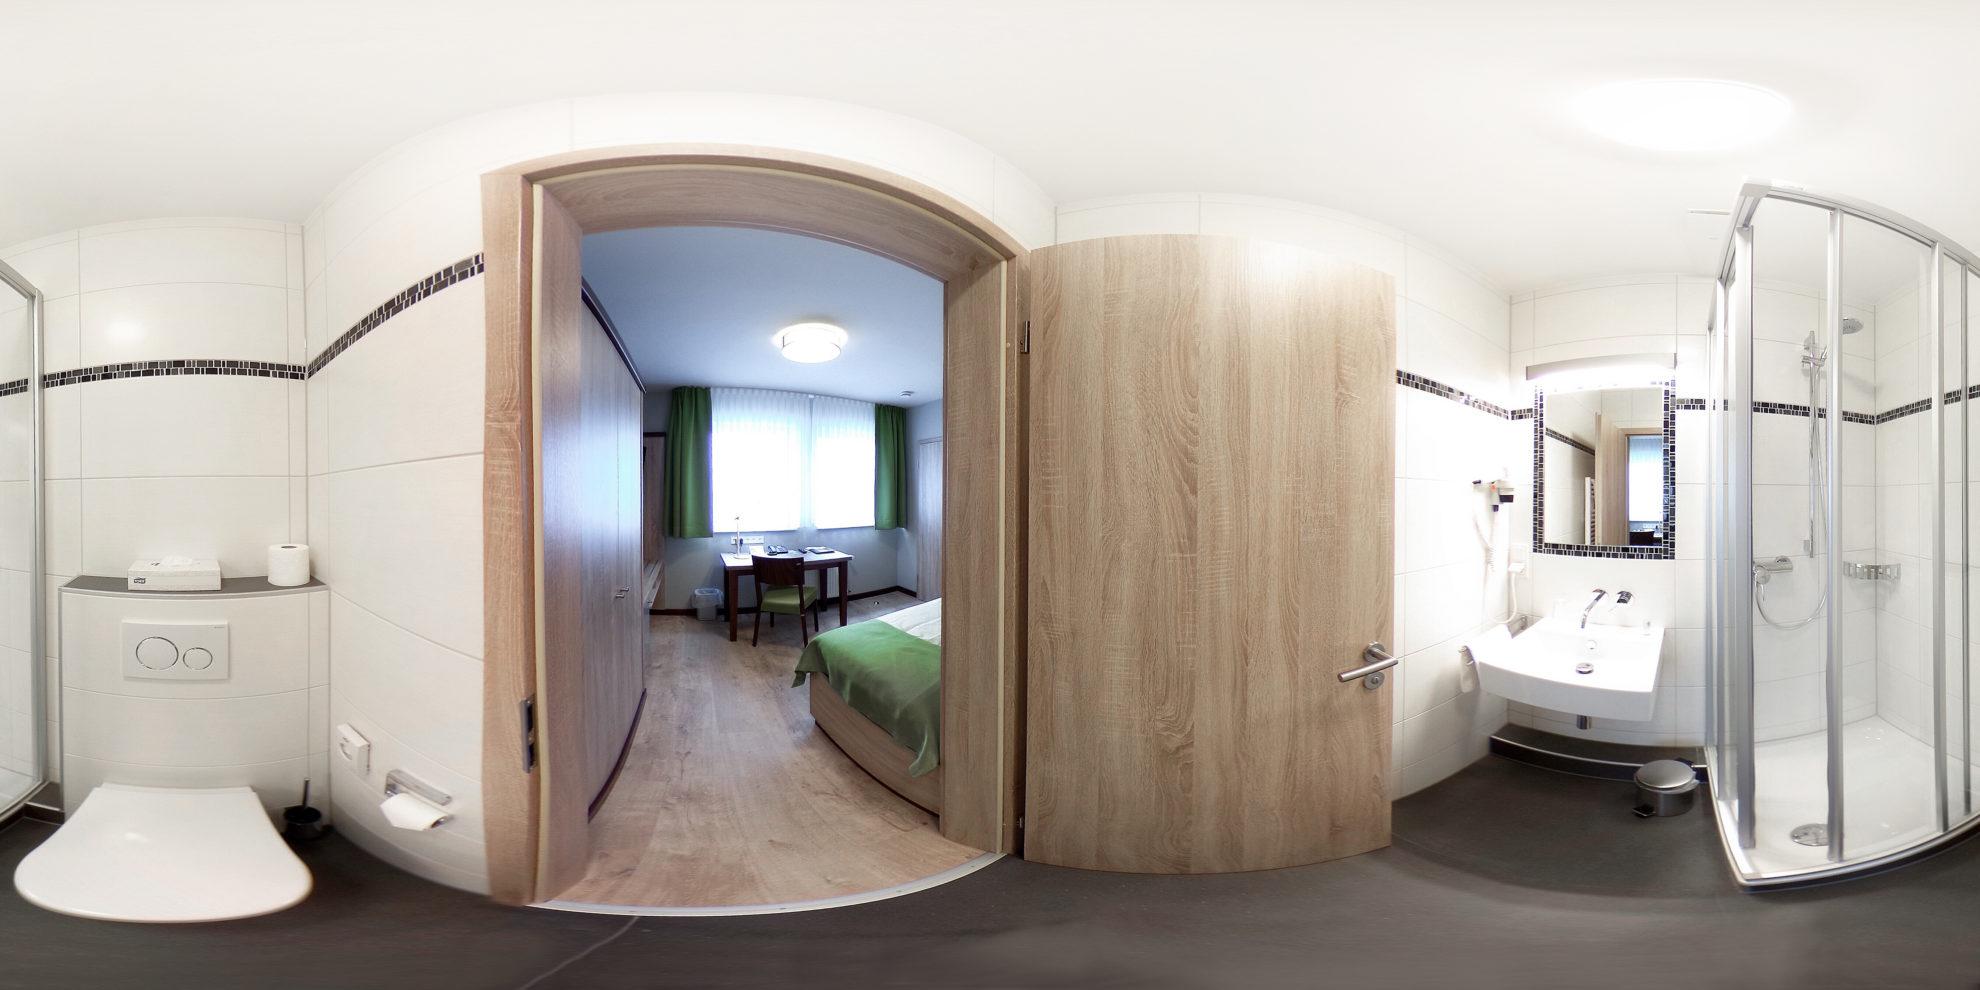 hotelzimmer-familienzimmer-luedenbach-overath-koeln-rheinisch-bergisch